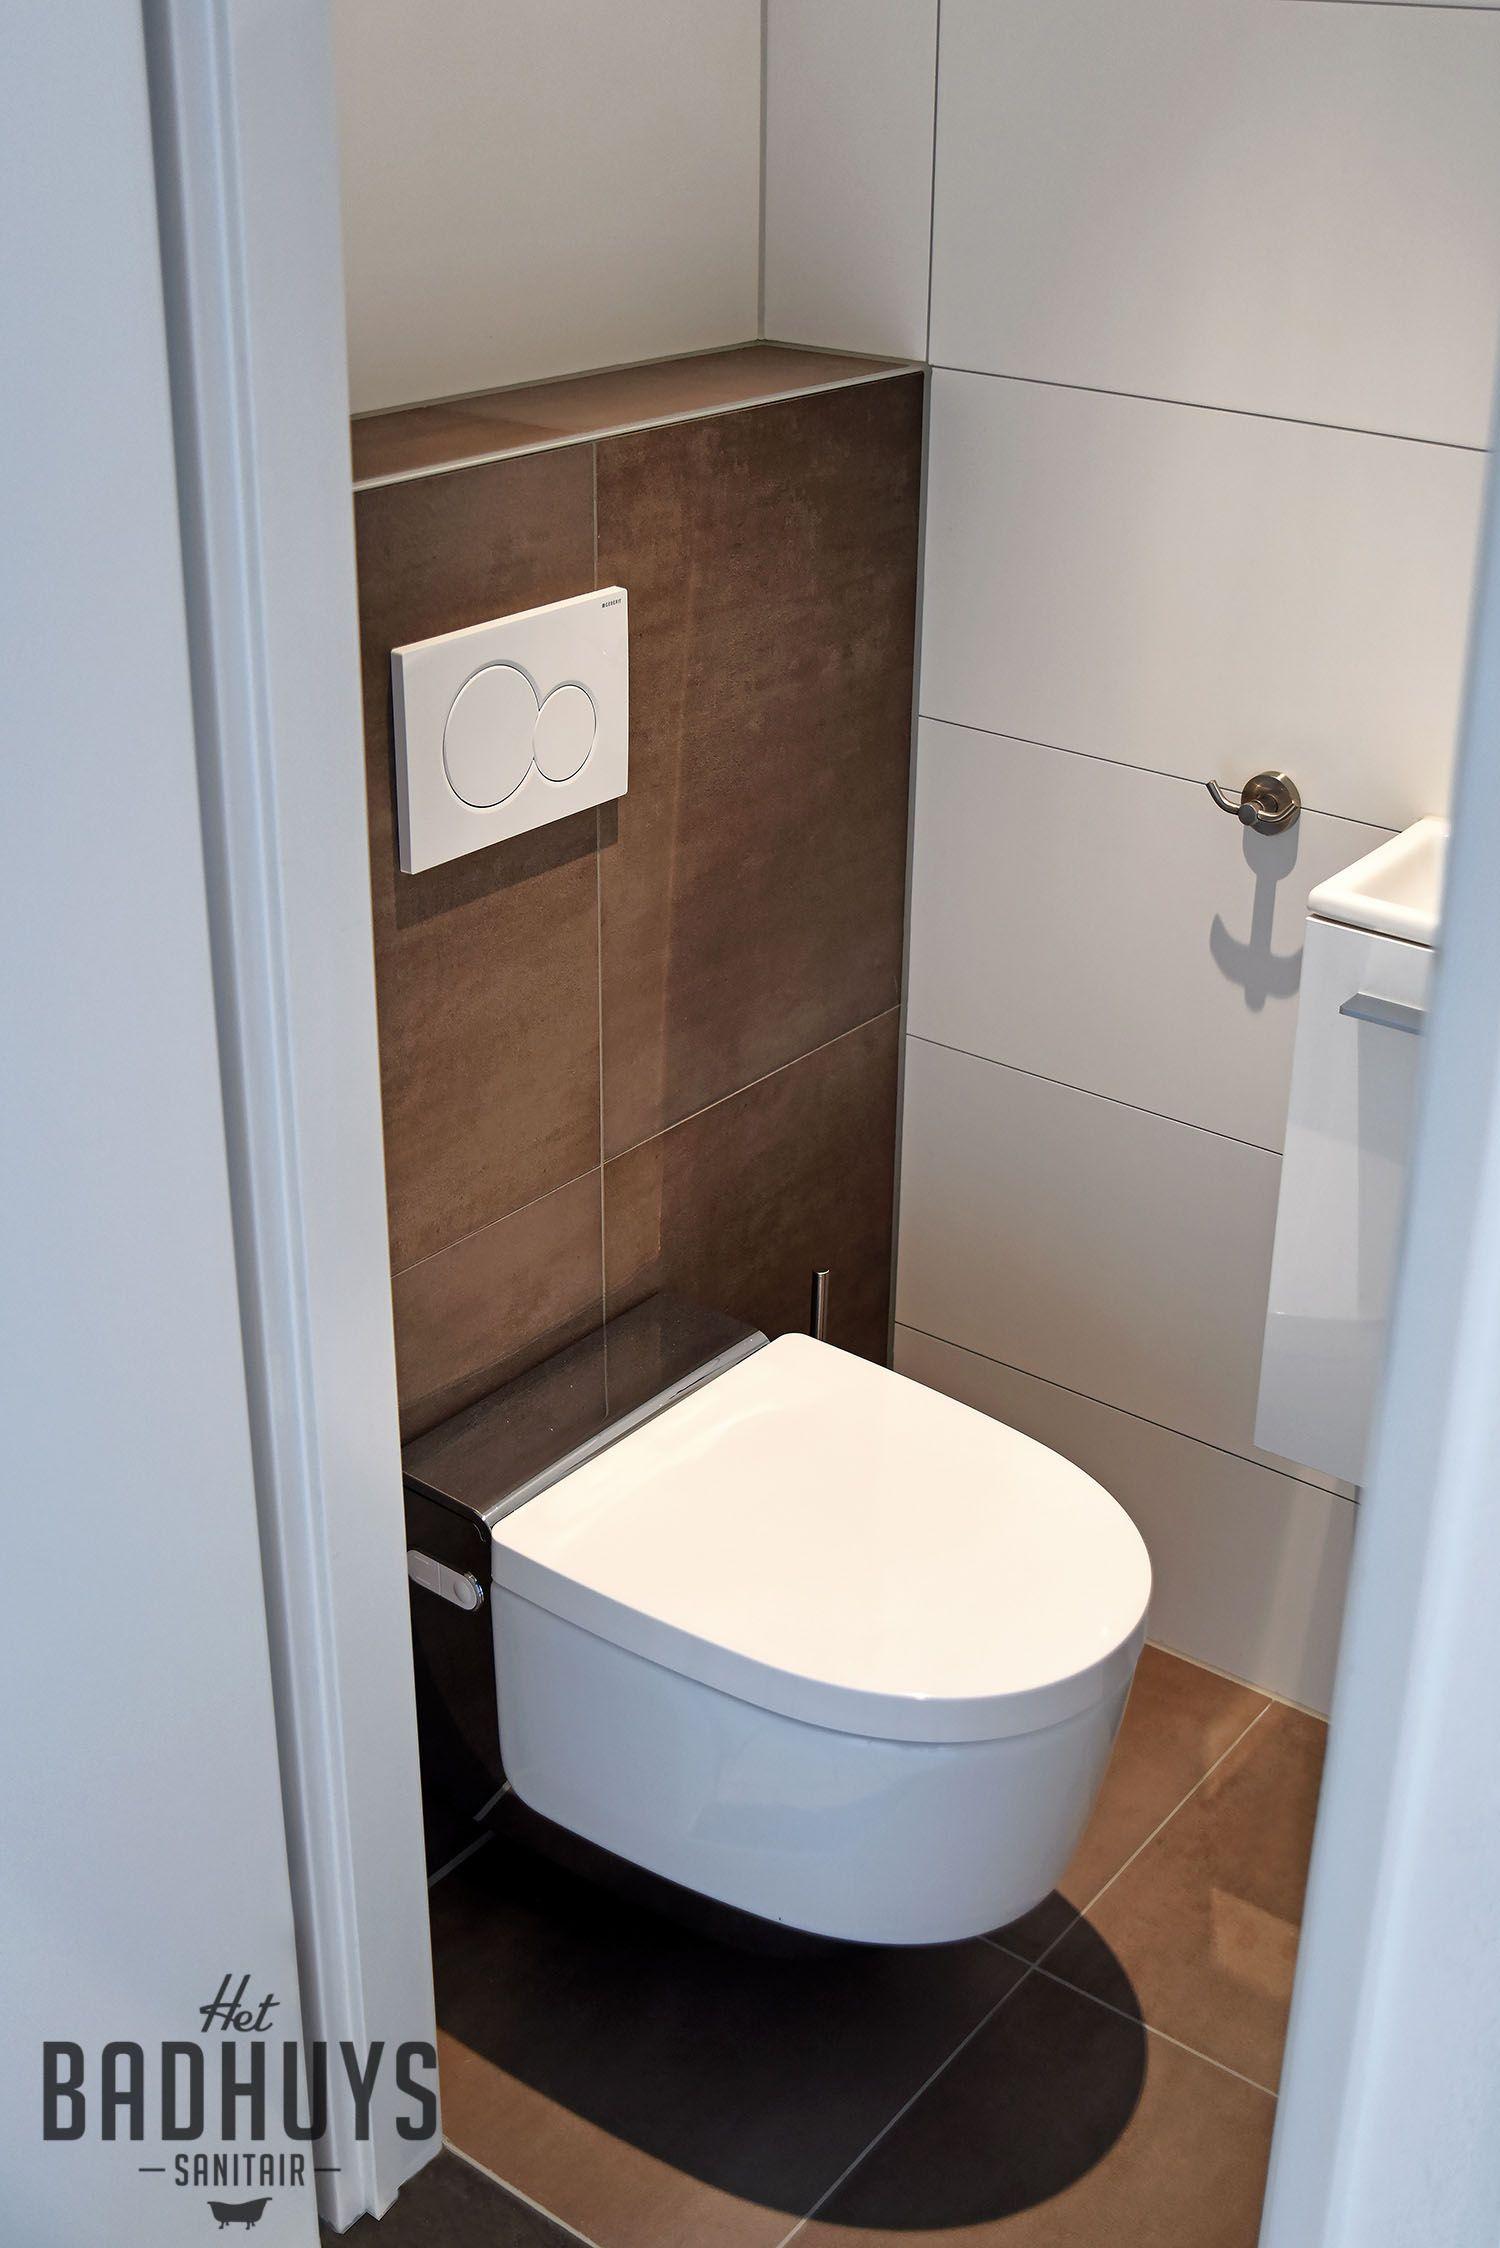 kleine badkamer met urinoir en sunshower het badhuys wc